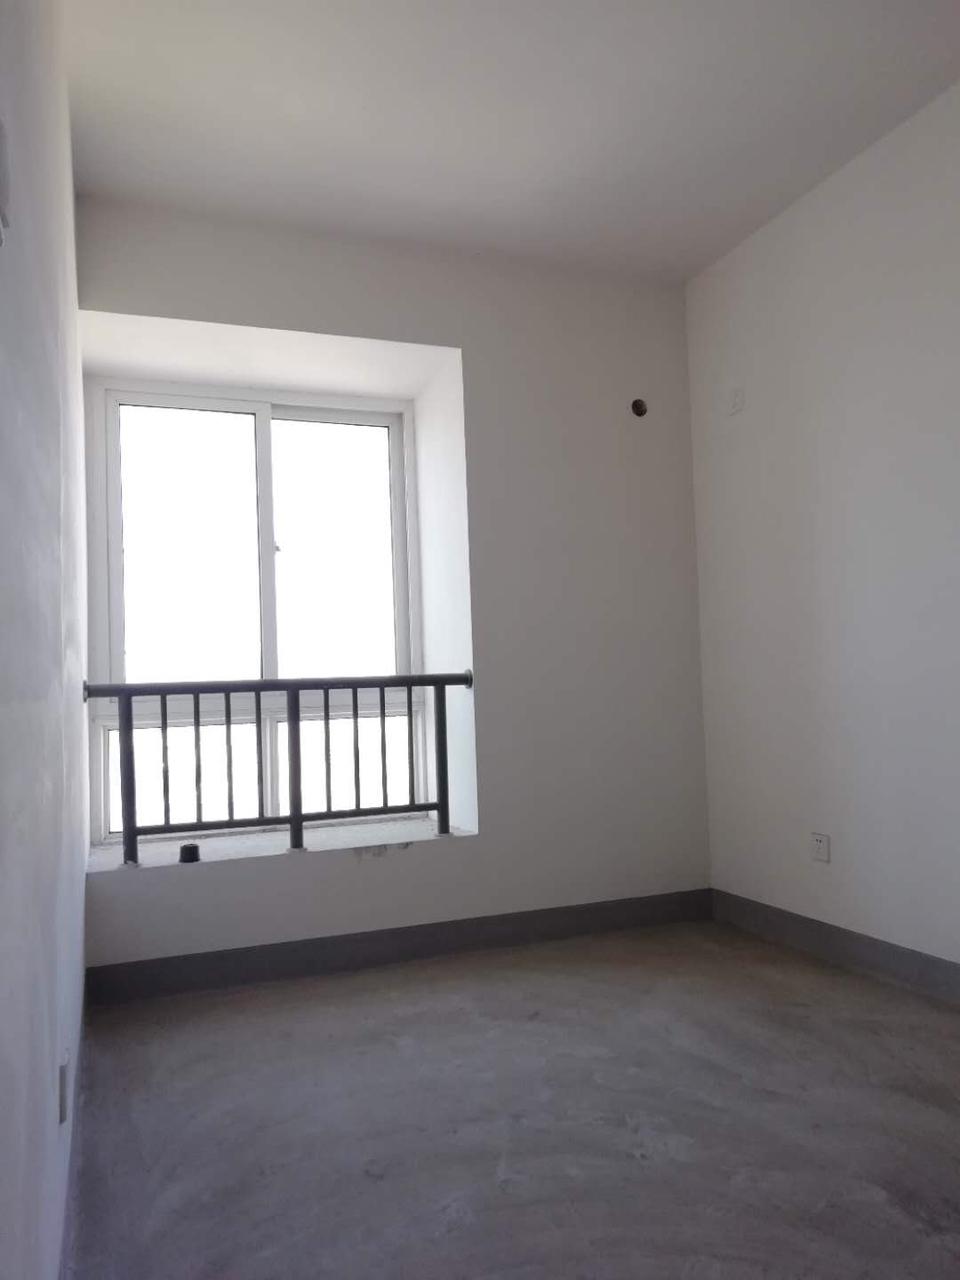 桥西苑(桥西苑)3室 2厅 1卫146万元